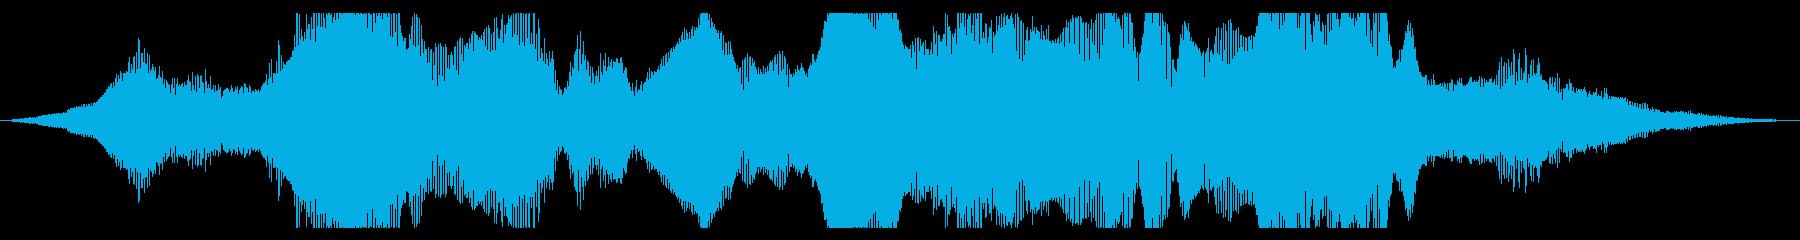 ストレッチメタル、パワーコードトー...の再生済みの波形